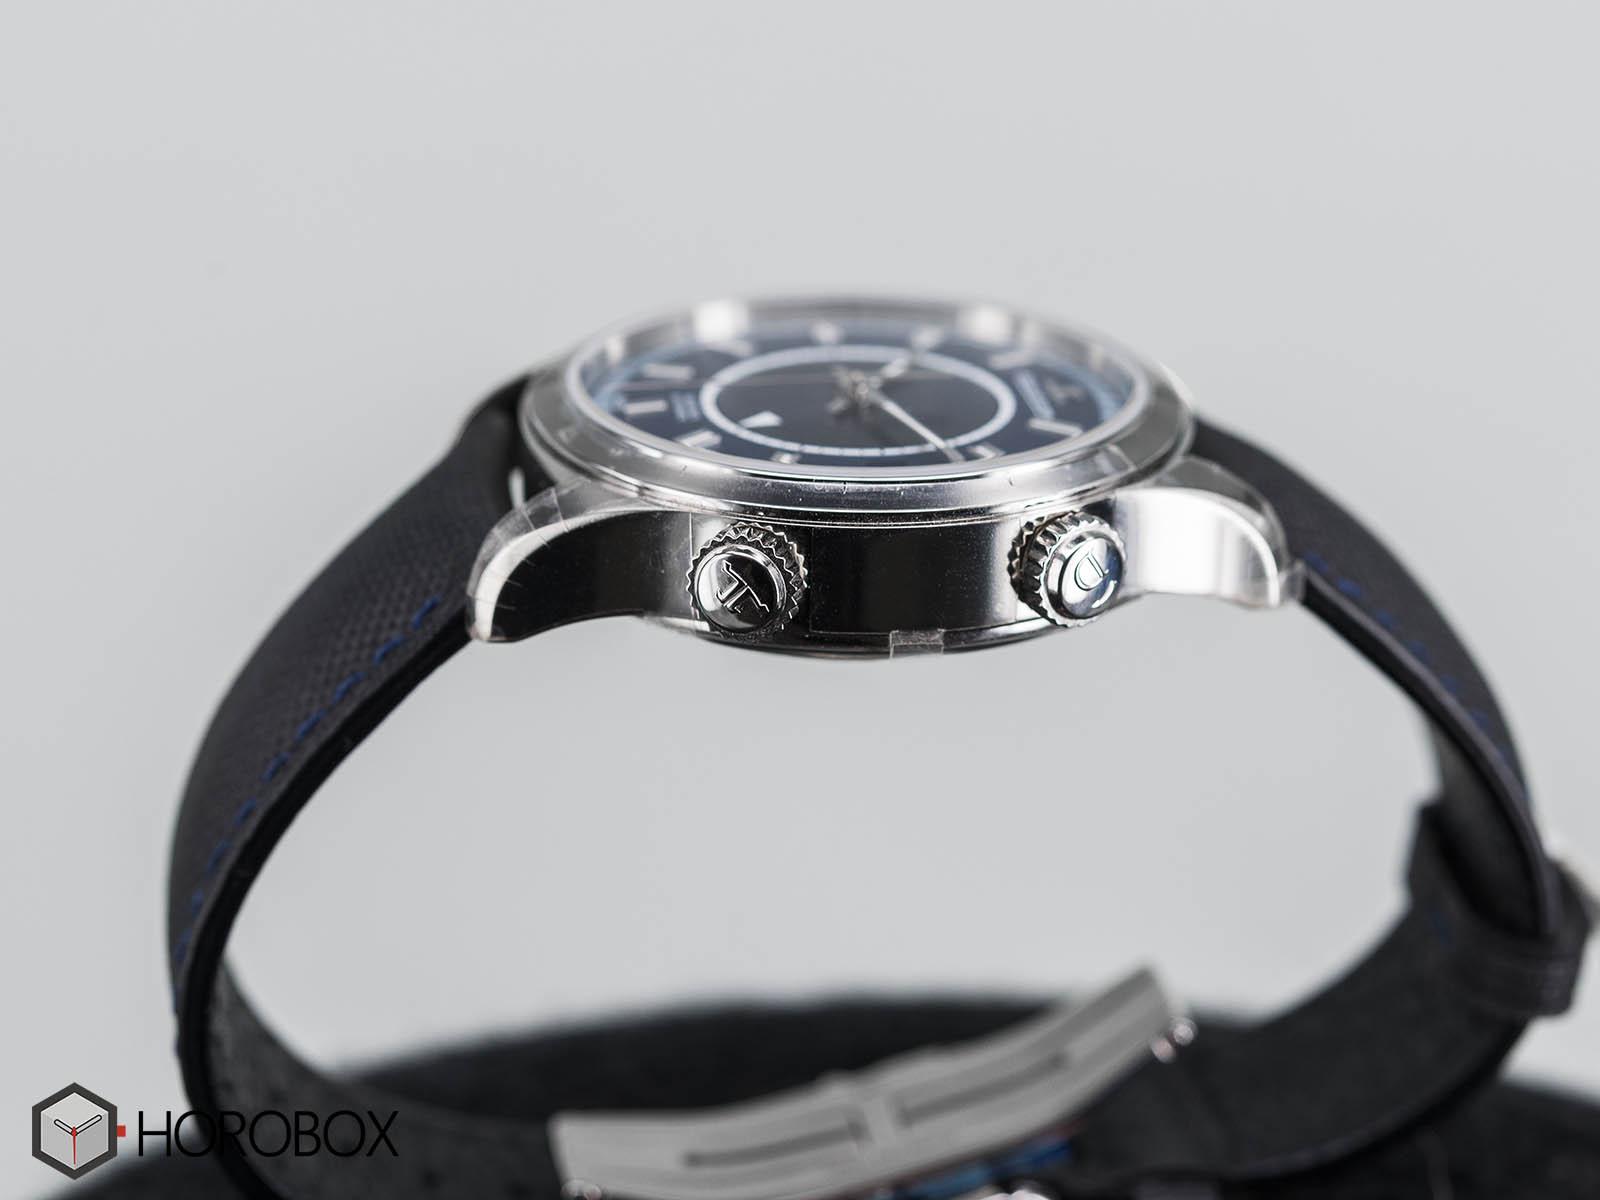 jaeger-lecoultre-master-memovox-141848J-5-.jpg